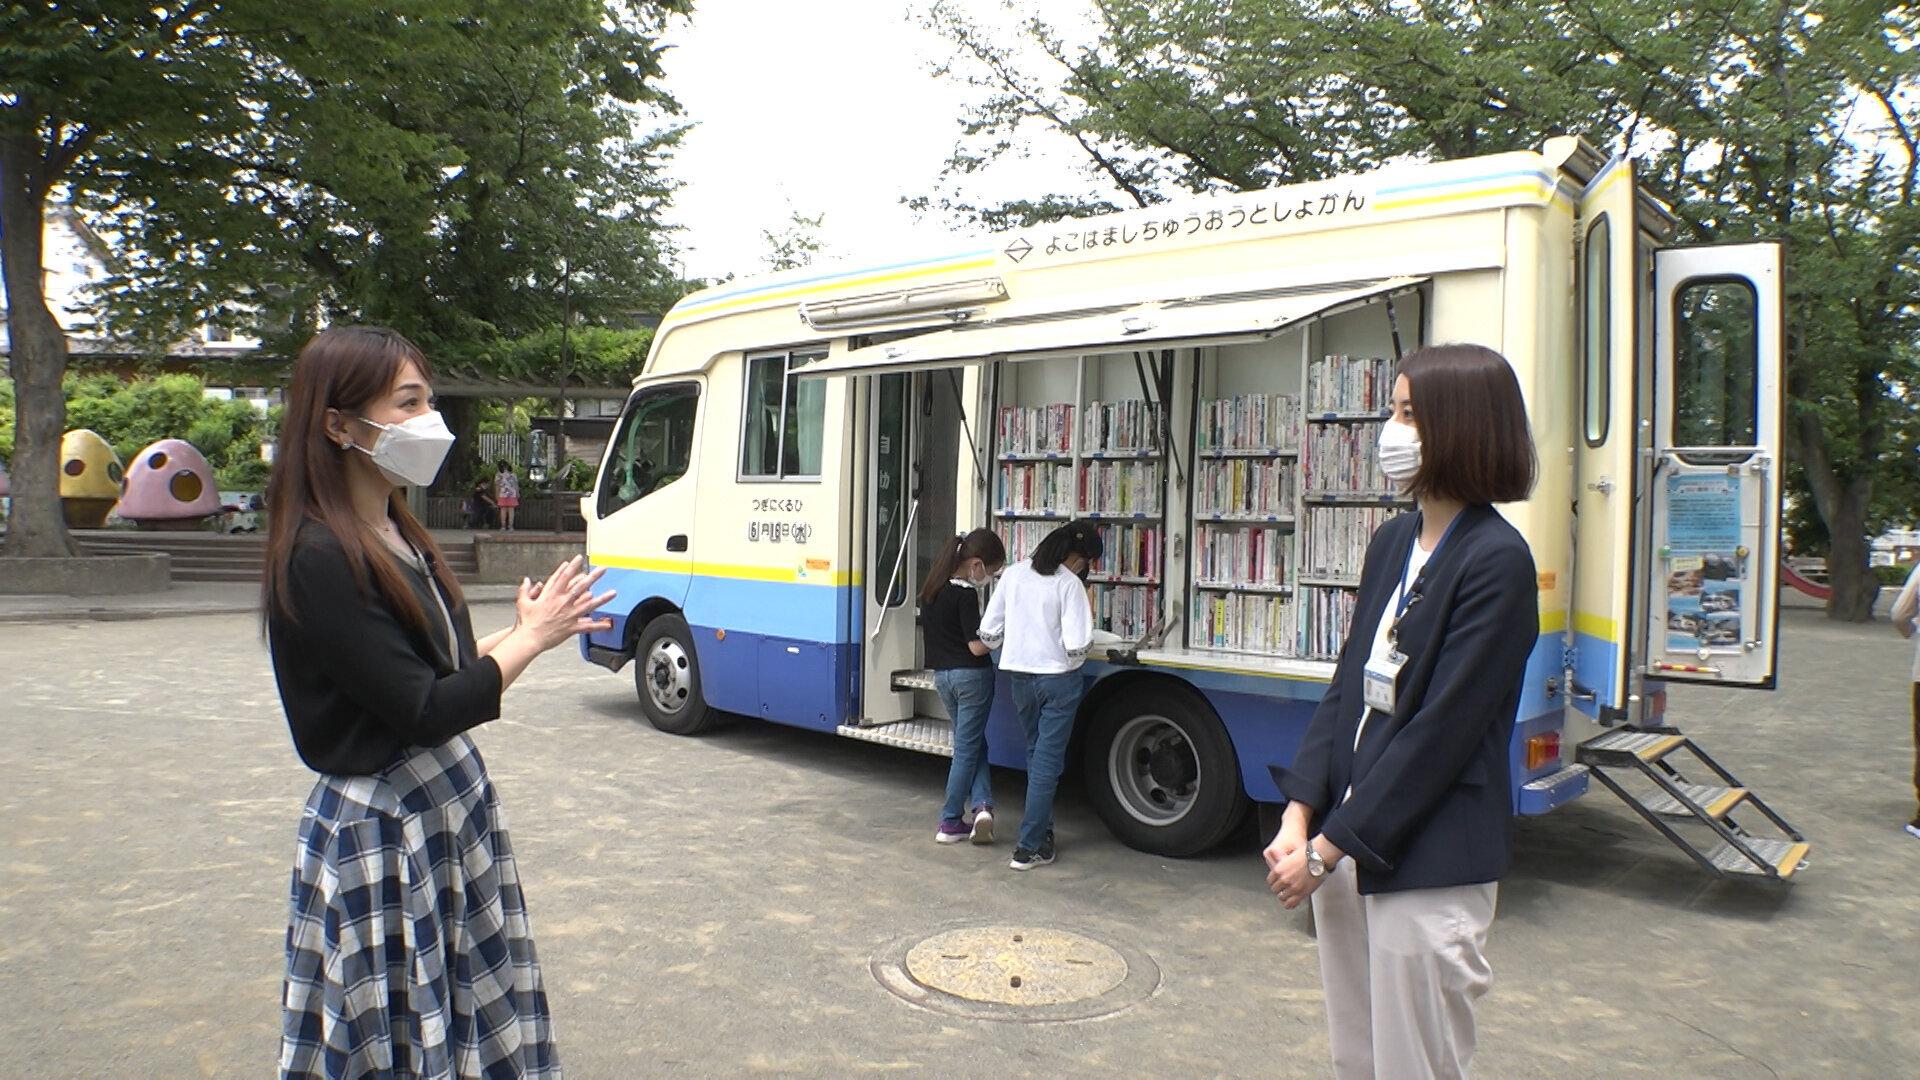 421_ロケ画像_010.jpg